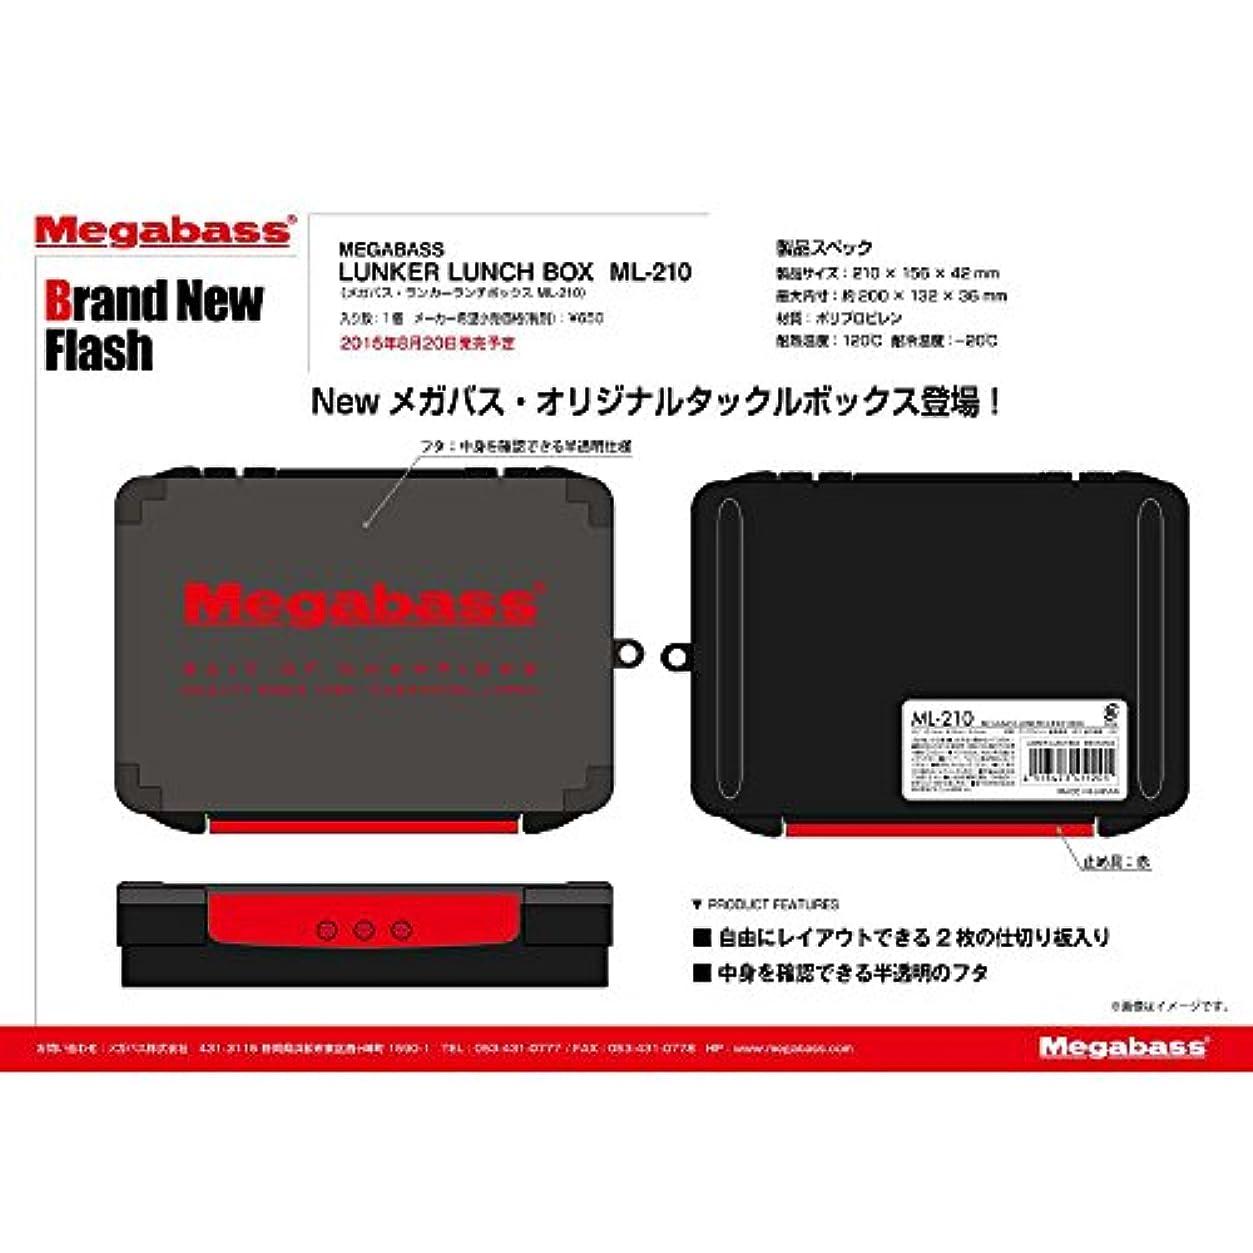 私たちジャンプペストメガバス(Megabass) LUNKER LUNCH BOX(ランカーランチボックス) MEGABASS